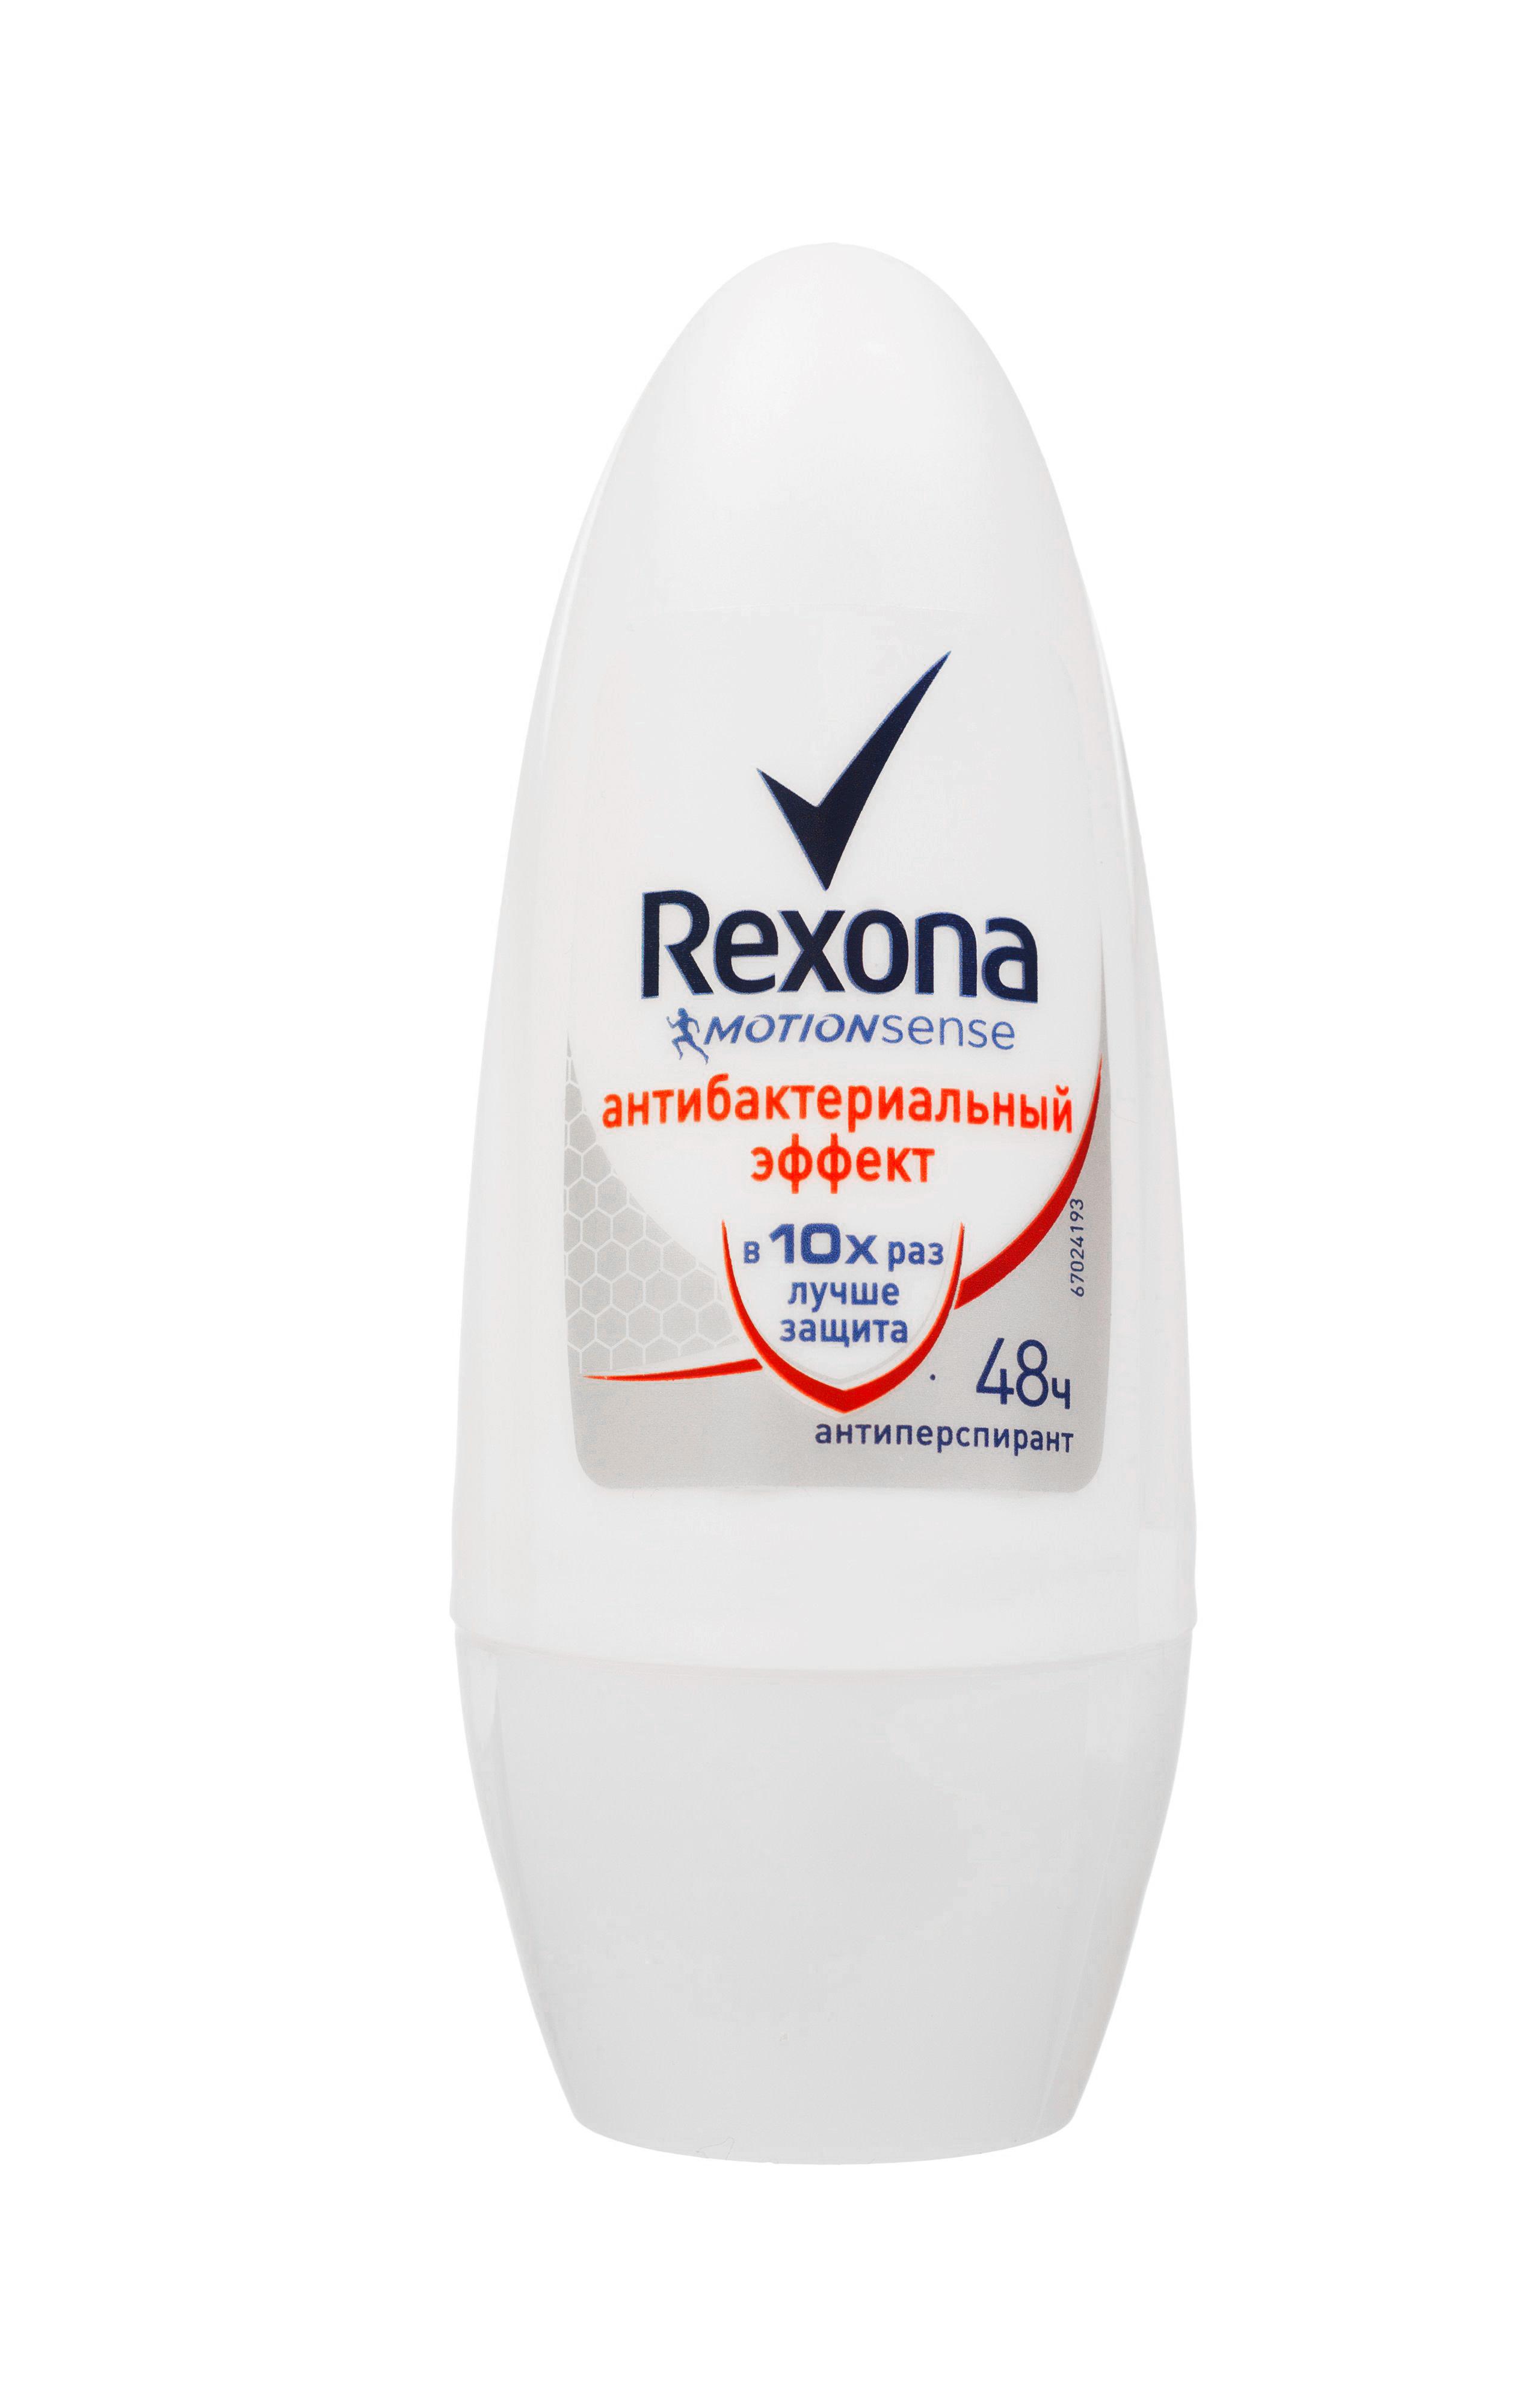 Rexona Motionsense Антиперспирант ролл Антибактериальный эффект, 50 мл